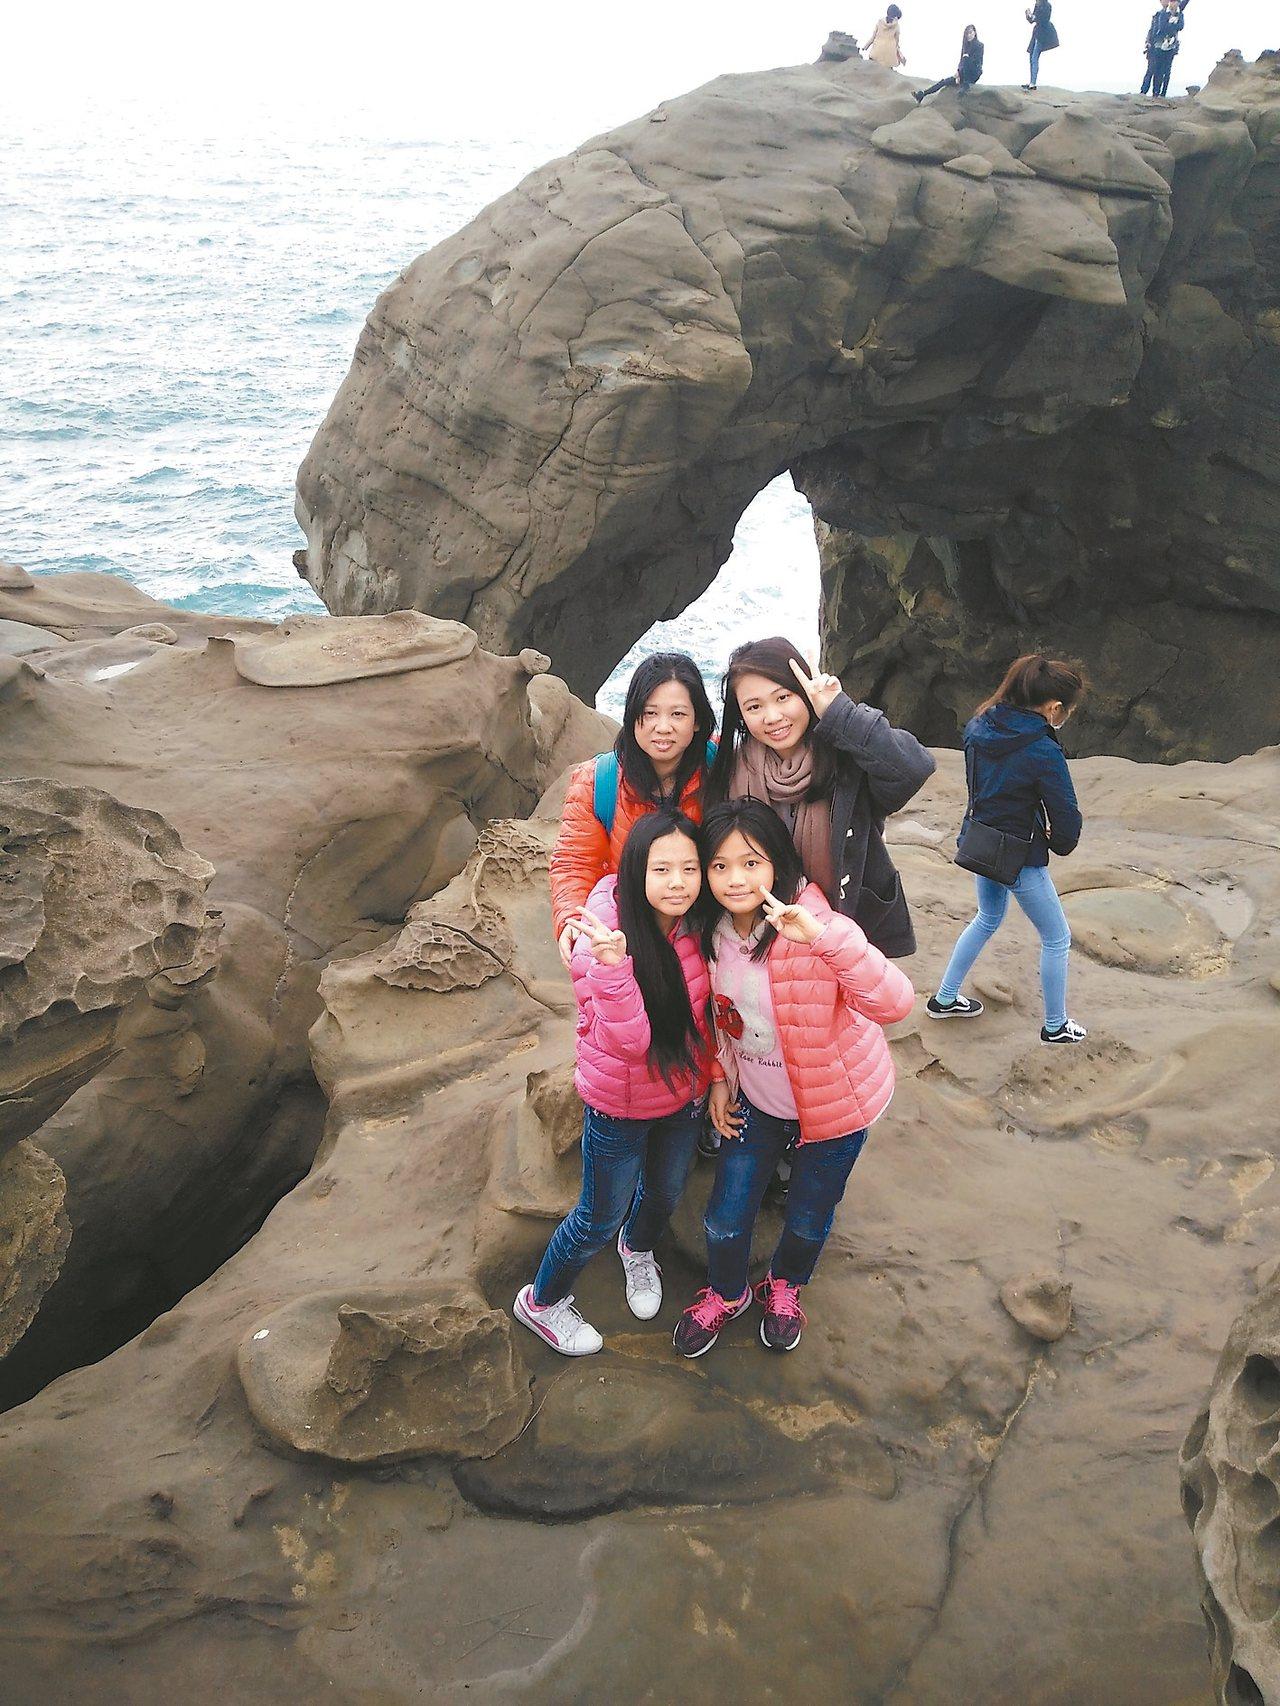 謝素青(後排左)經常帶著3個女兒出遊,感情很好。 圖/謝素青提供